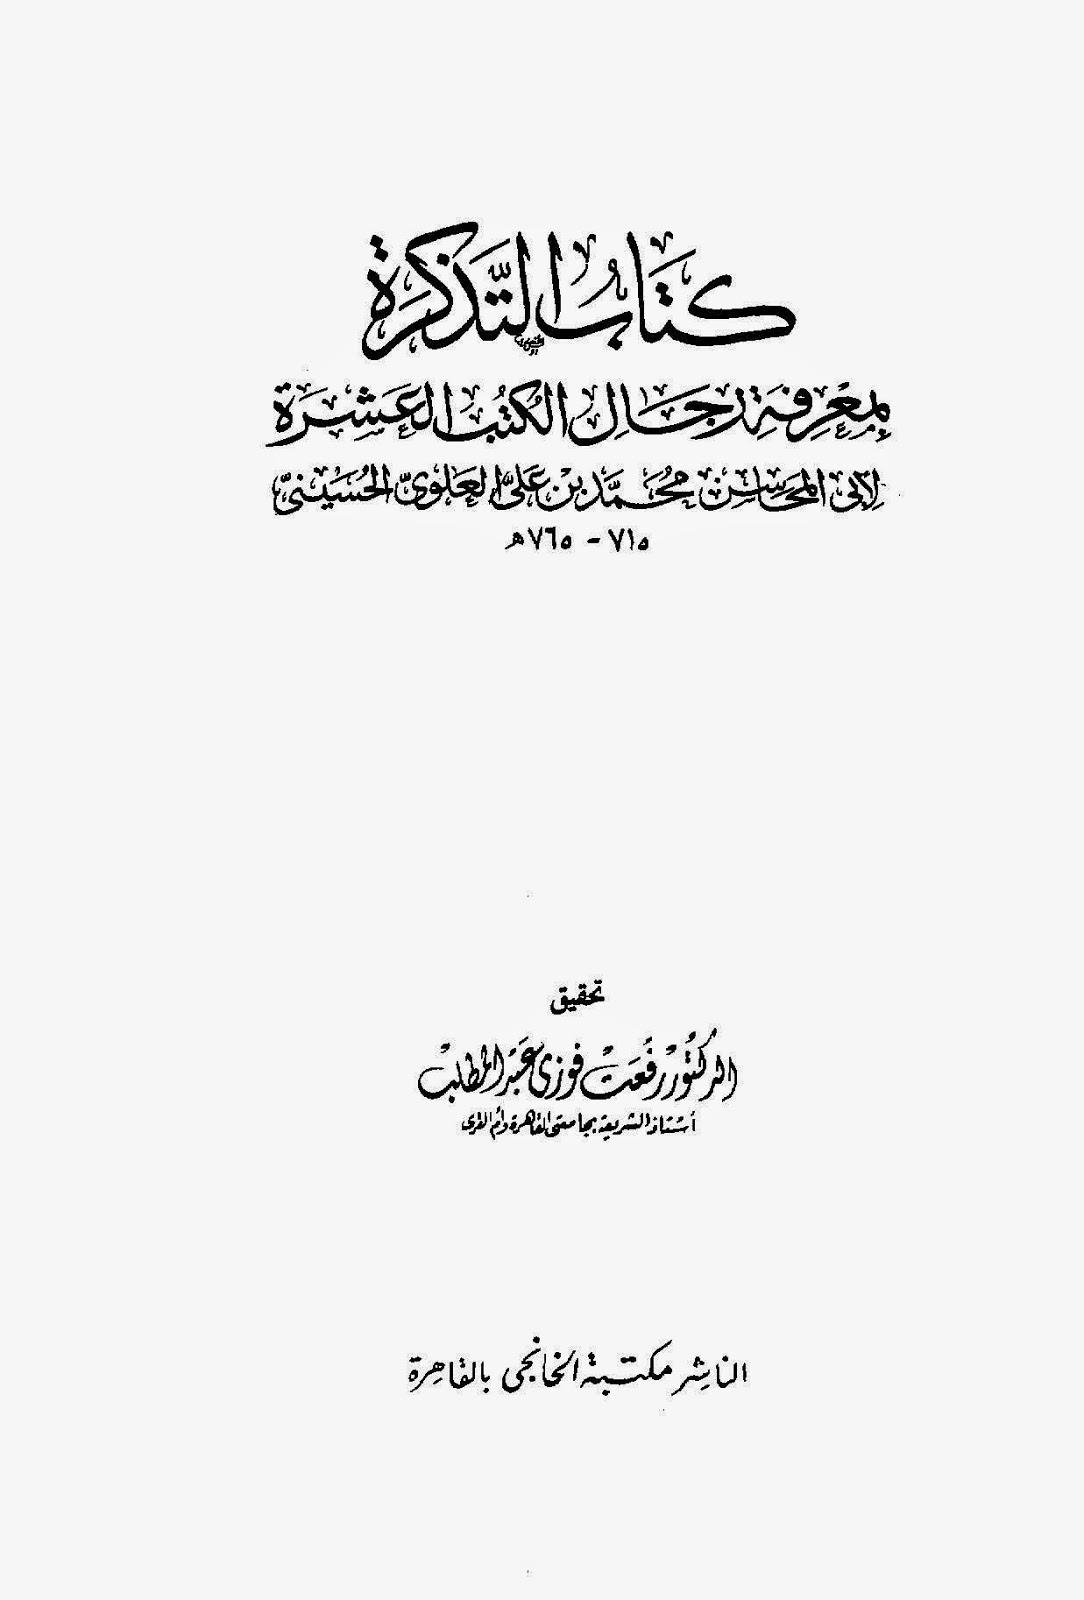 كتاب التذكرة بمعرفة رجال الكتب العشرة لـ لأبي المحاسن محمد بن العلوي الحسيني